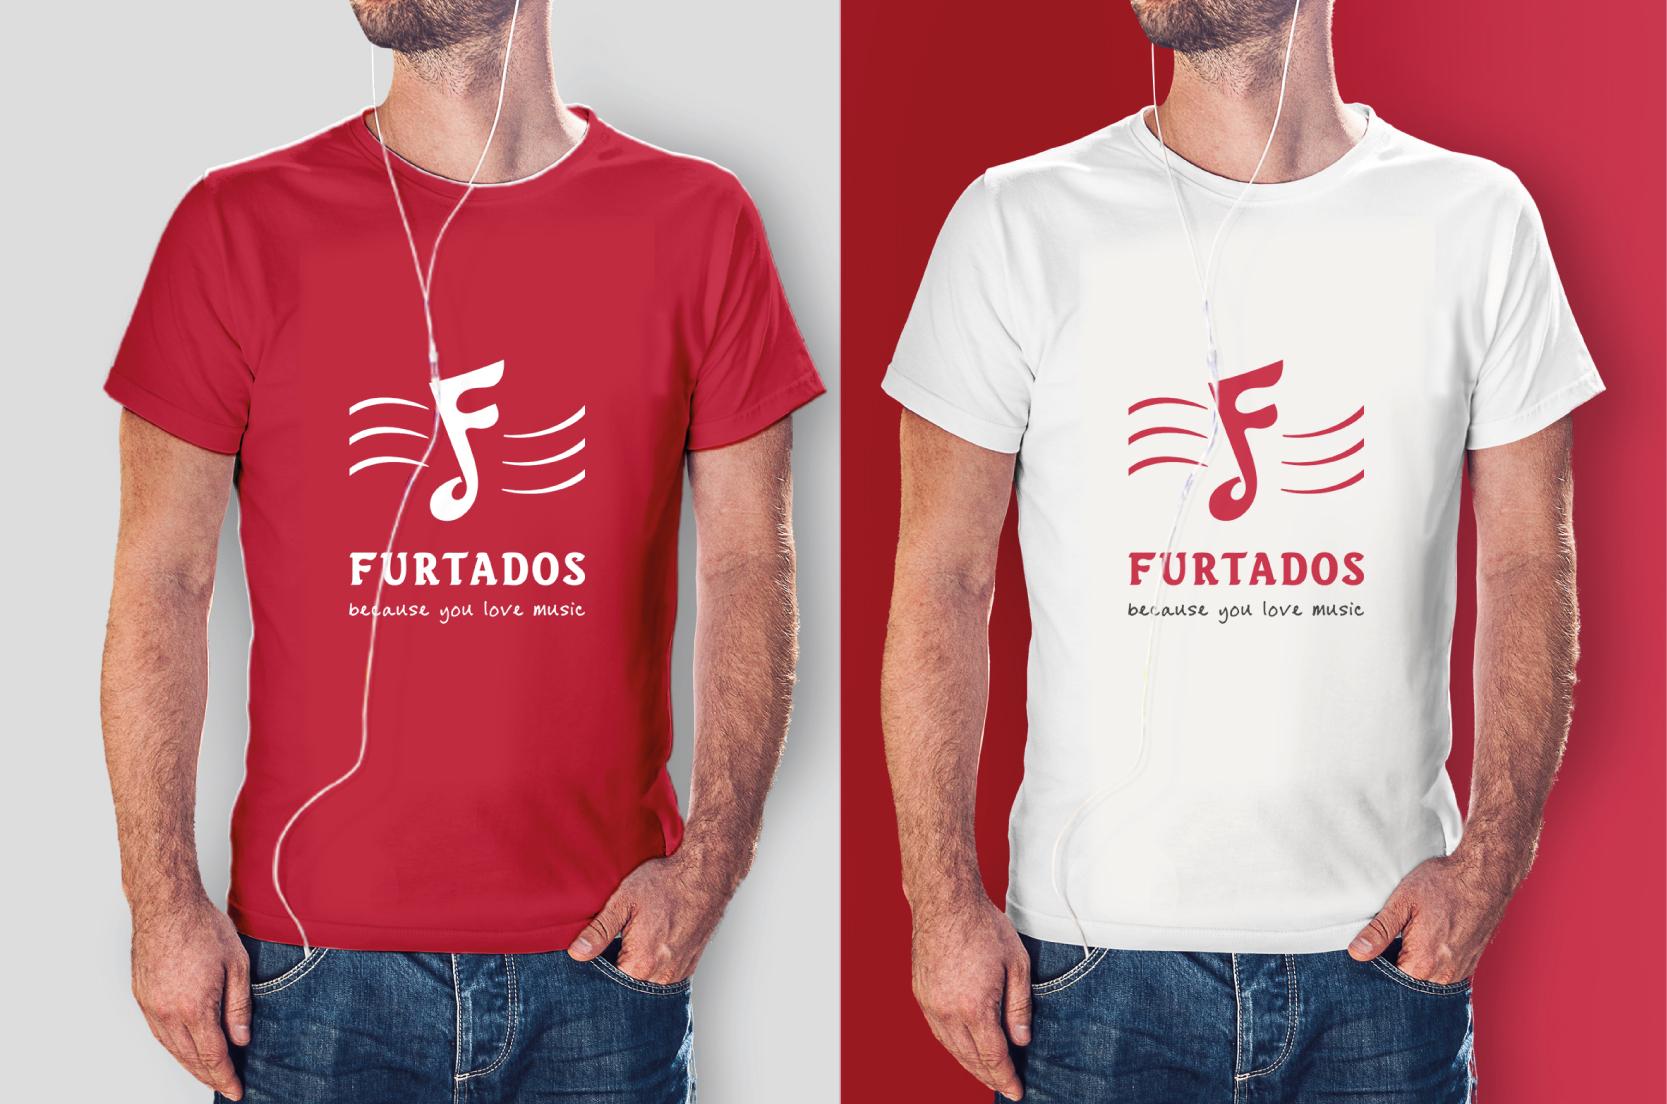 Furtados_Branding_Elephant Design 5.jpg